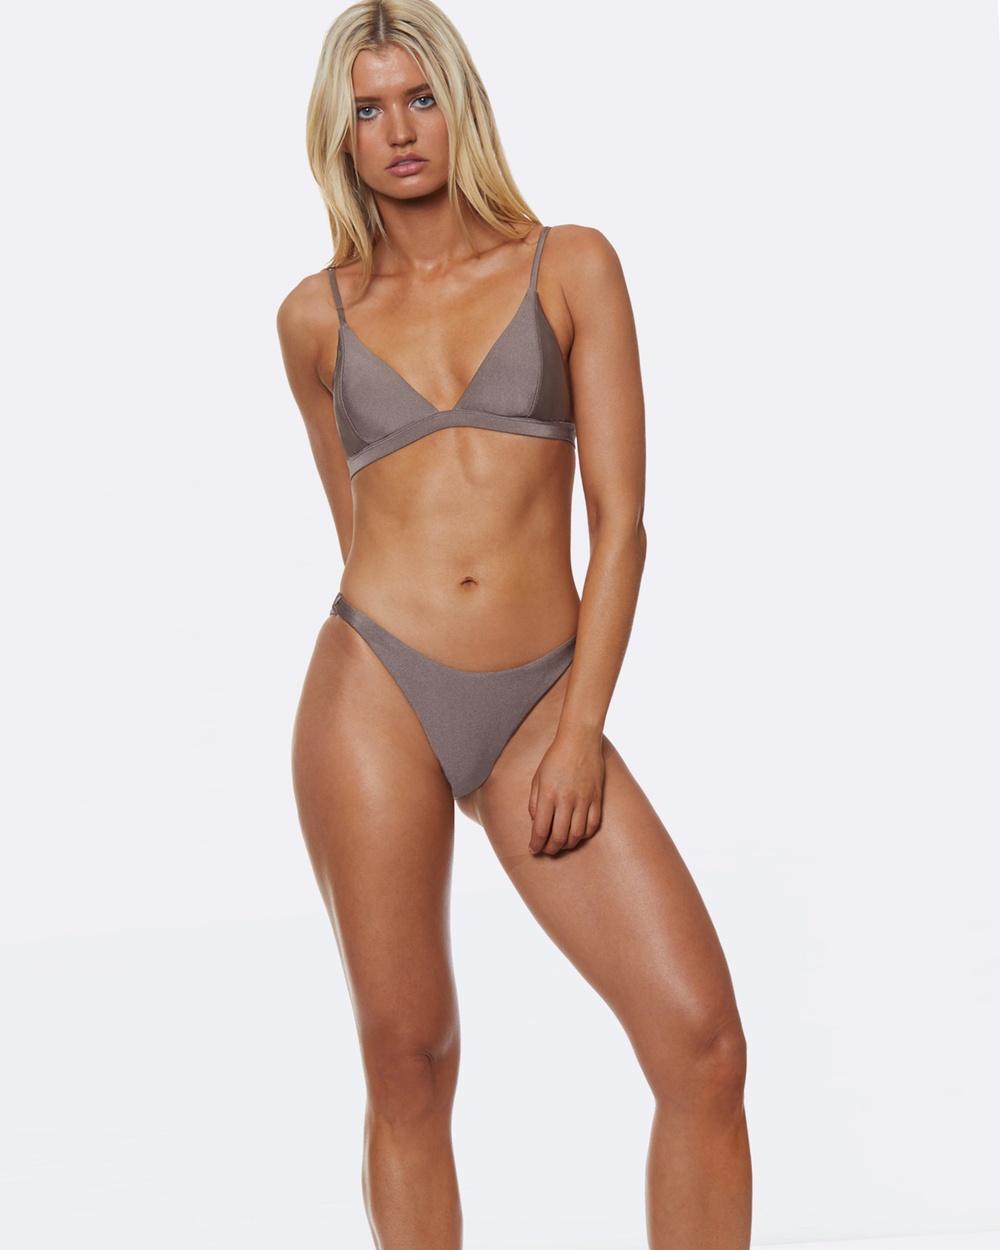 L'urv She Shimmers Bikini Bottoms Bikini Bottoms Grey She Shimmers Bikini Bottoms